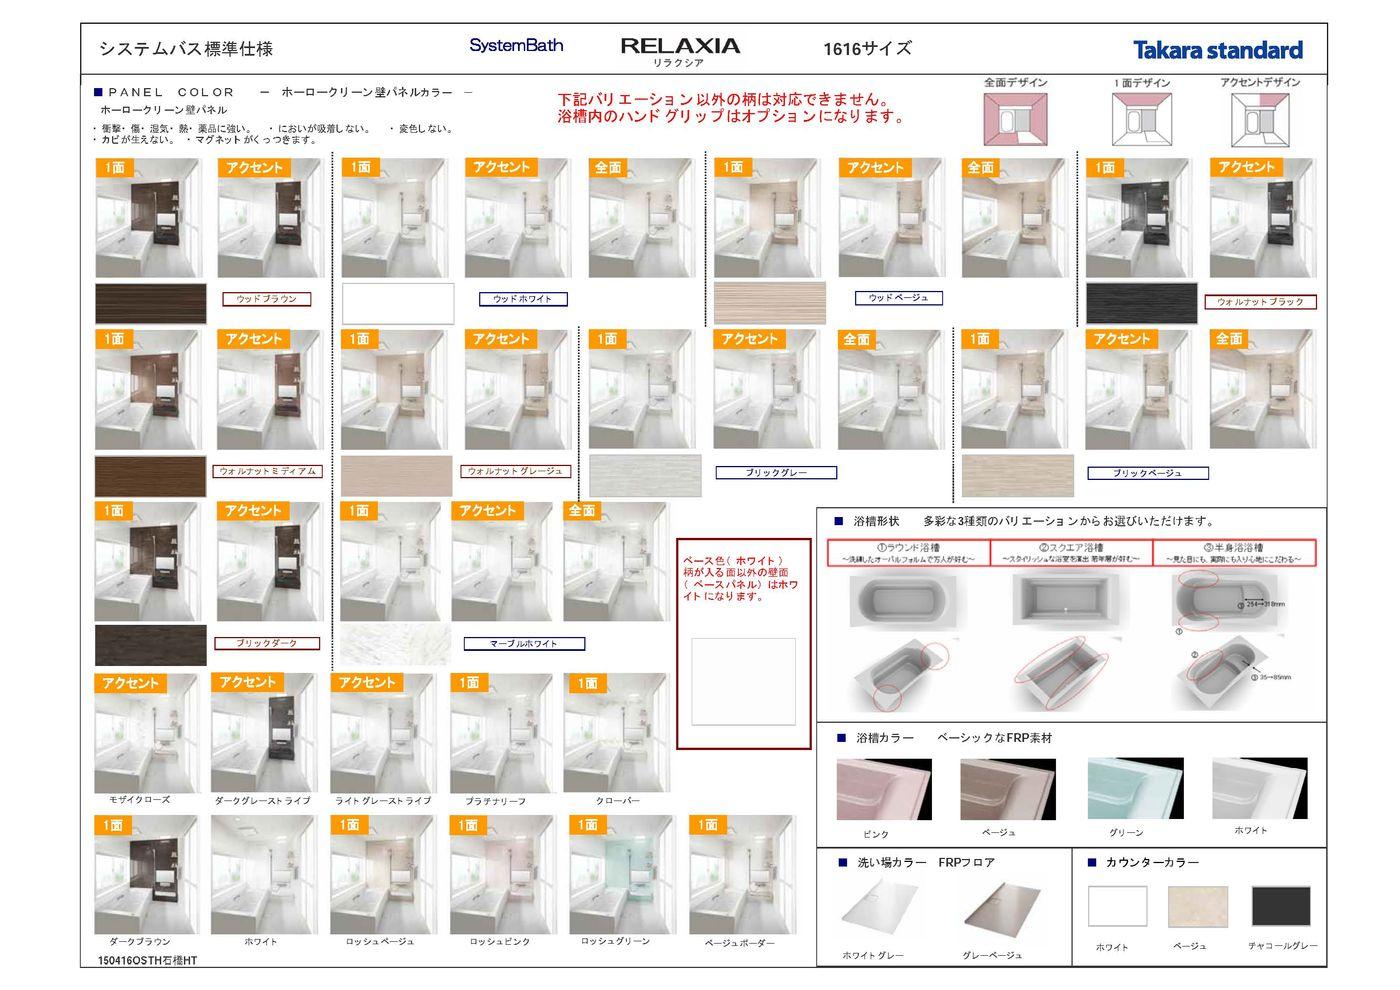 システムバス標準仕様 リラクシア 1616サイズ Takara standard